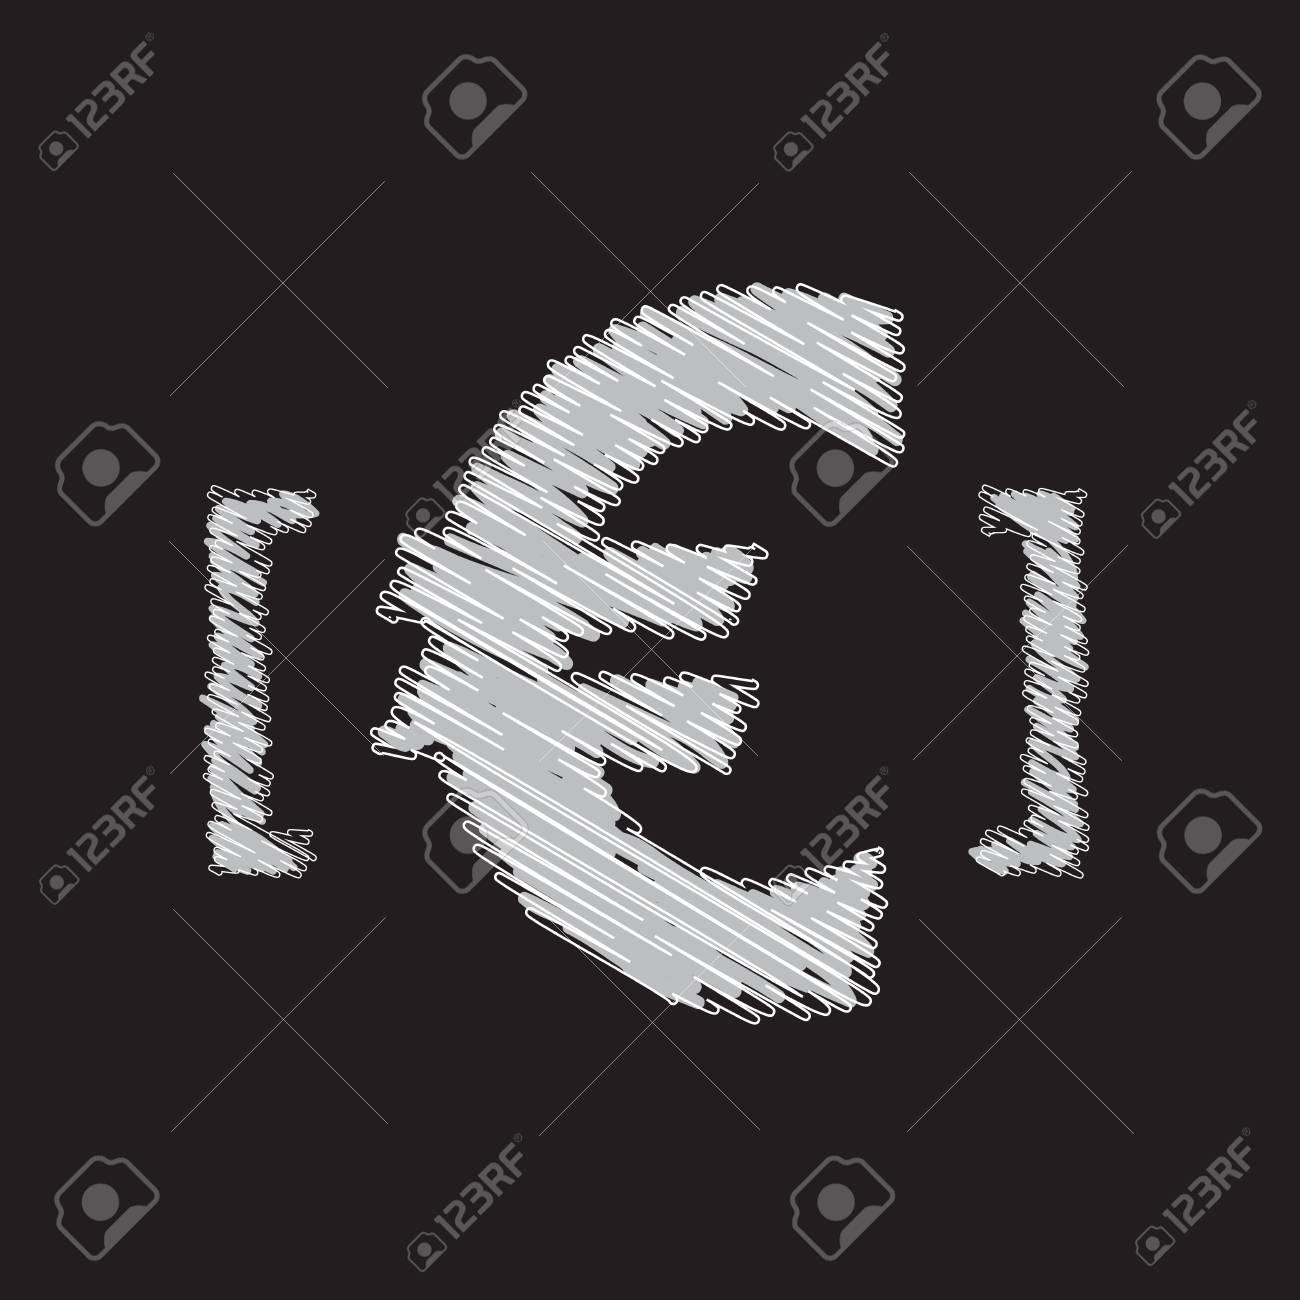 euro icon sketch design Stock Vector - 17886819